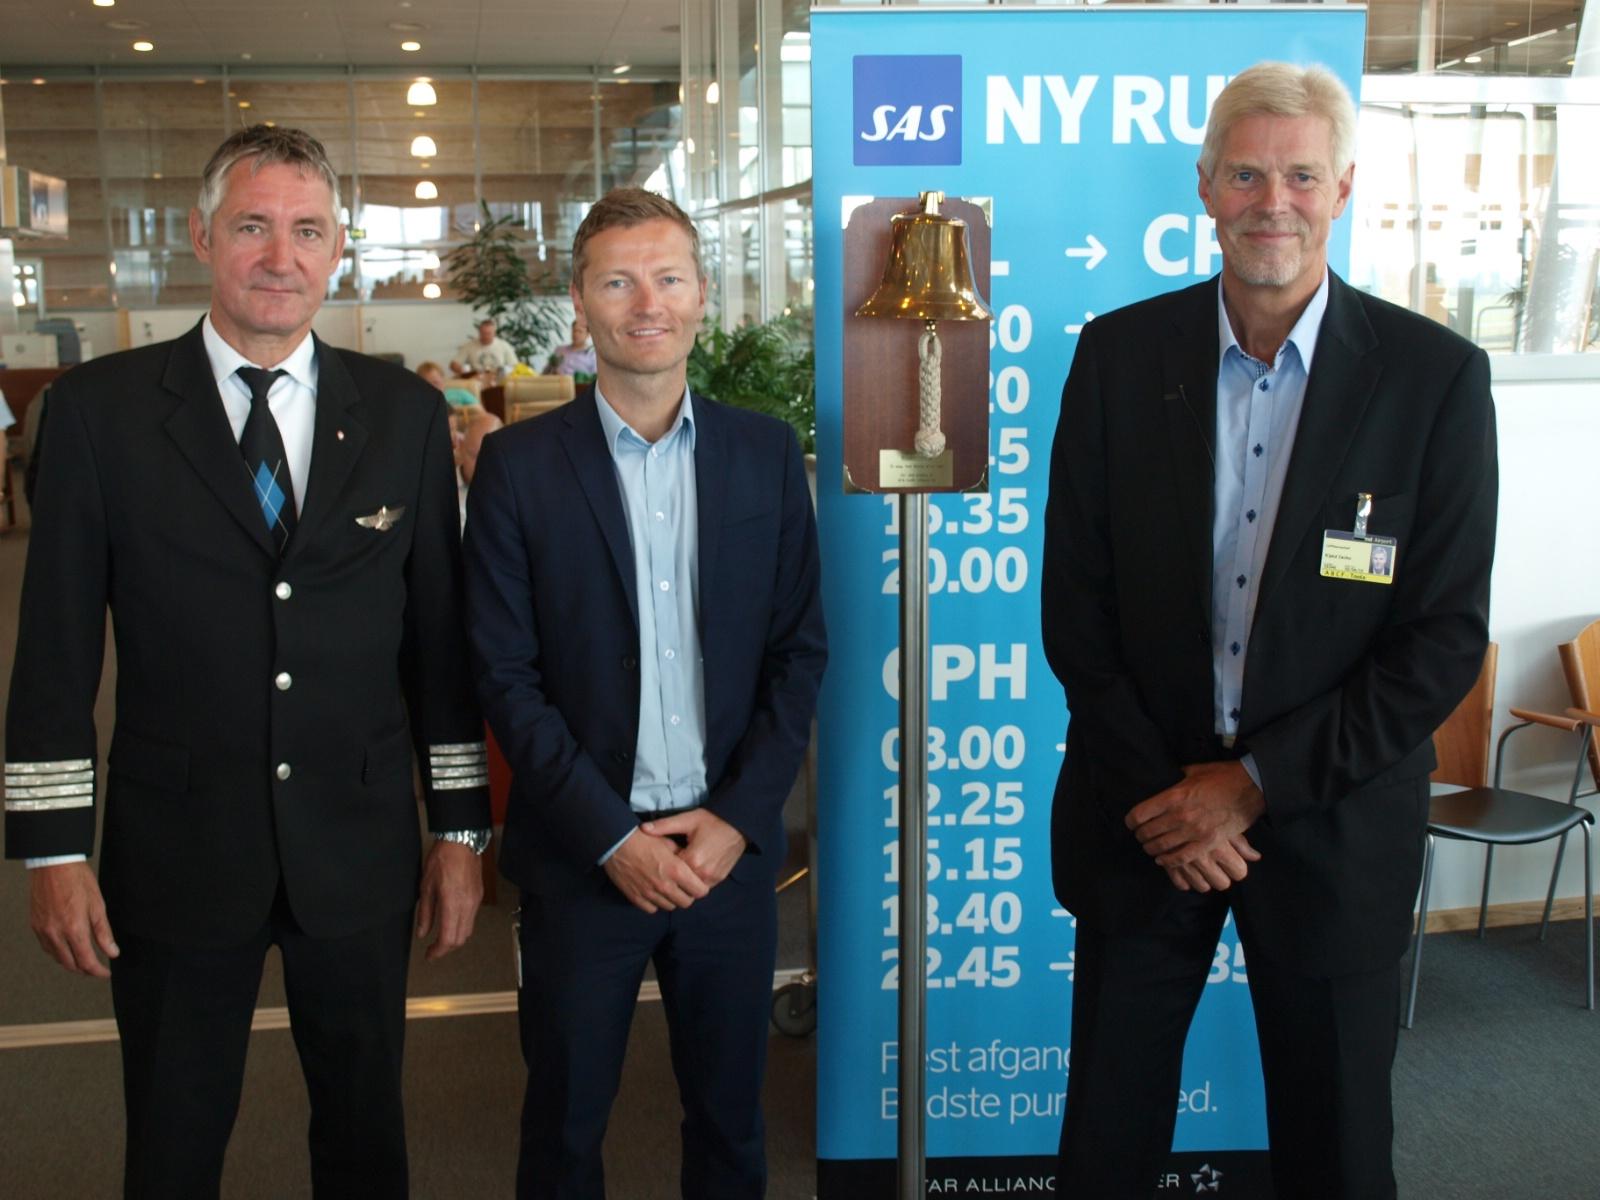 Administrerende direktør Kjeld Zacho Jørgensen (t.h.) byder SAS velkommen hjem til Billund den 13. august 2012. (Arkivfoto: Ole Kirchert Christensen)